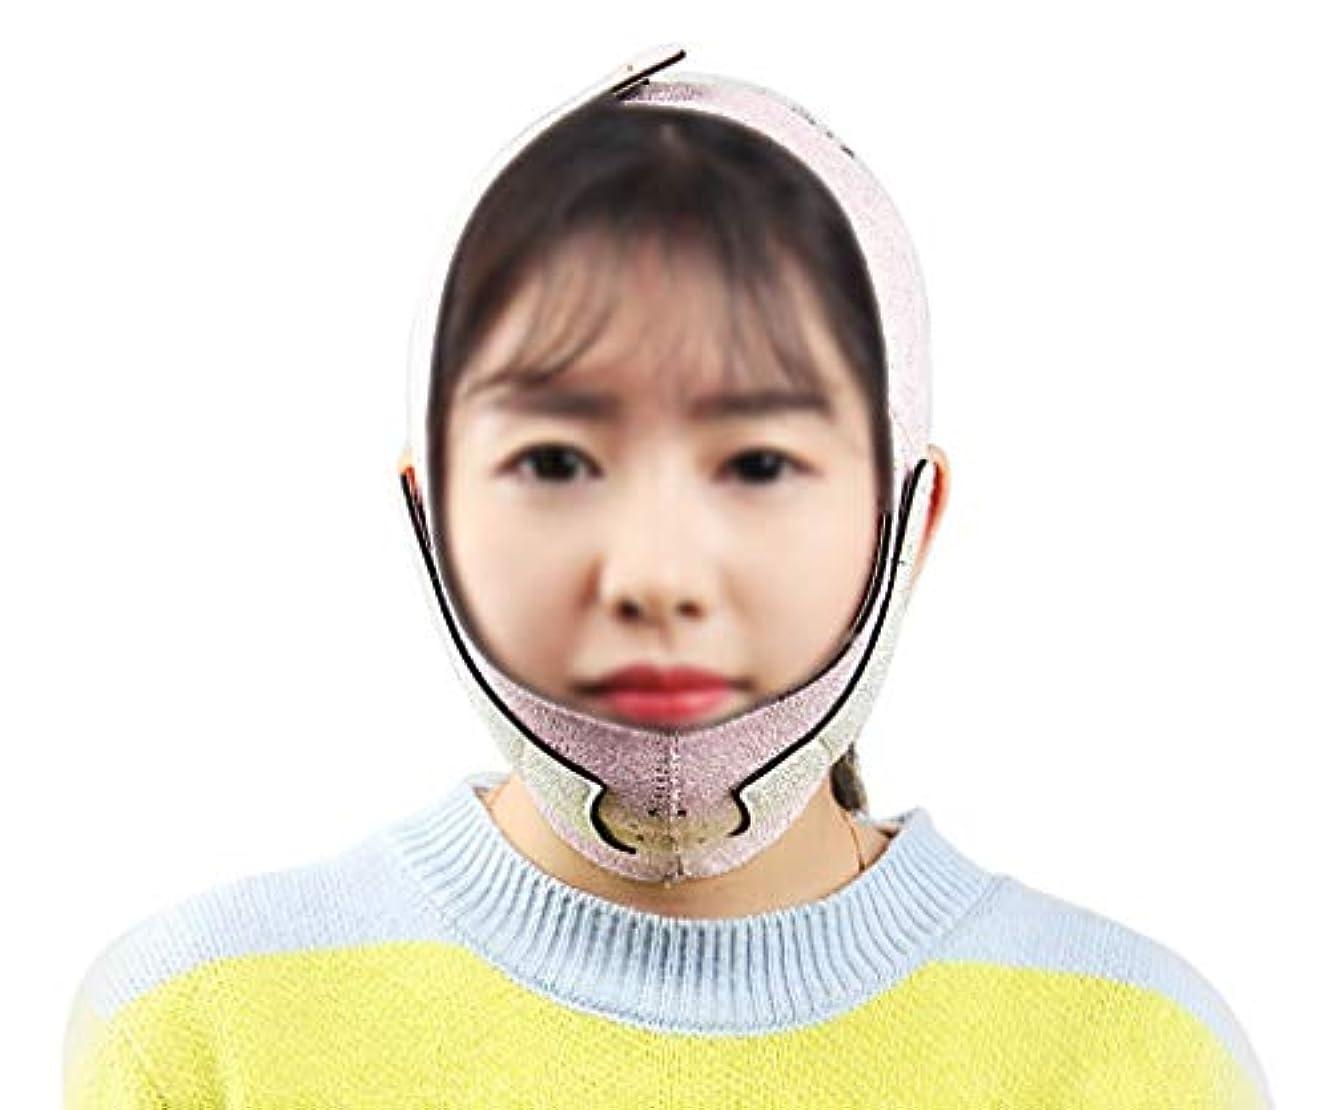 抑制する引く喉頭XHLMRMJ 引き締めフェイスマスク、薄いフェイスバンド新しい締め付け二重あごフェイスリフティングアーティファクトVフェイスバンデージ(3フェイスバンデージ)